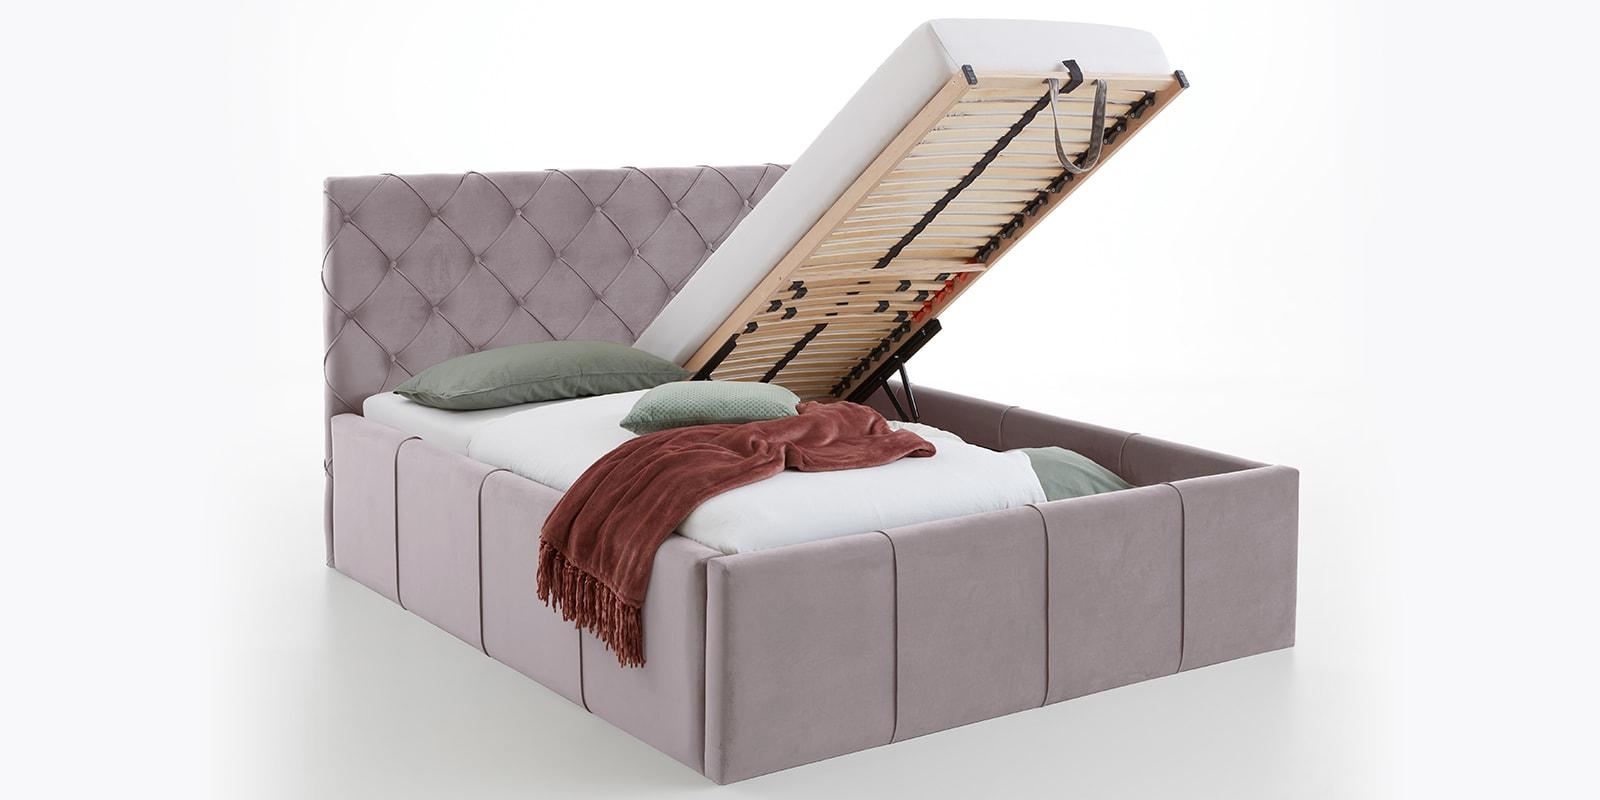 Moebella24 - Bett - mit - Bettkasten - Nelly - Samt - Rose - XXL-Stauraum - Keder - Bettkasten-vormontiert - Kopfteil - mit - Knopfheftung